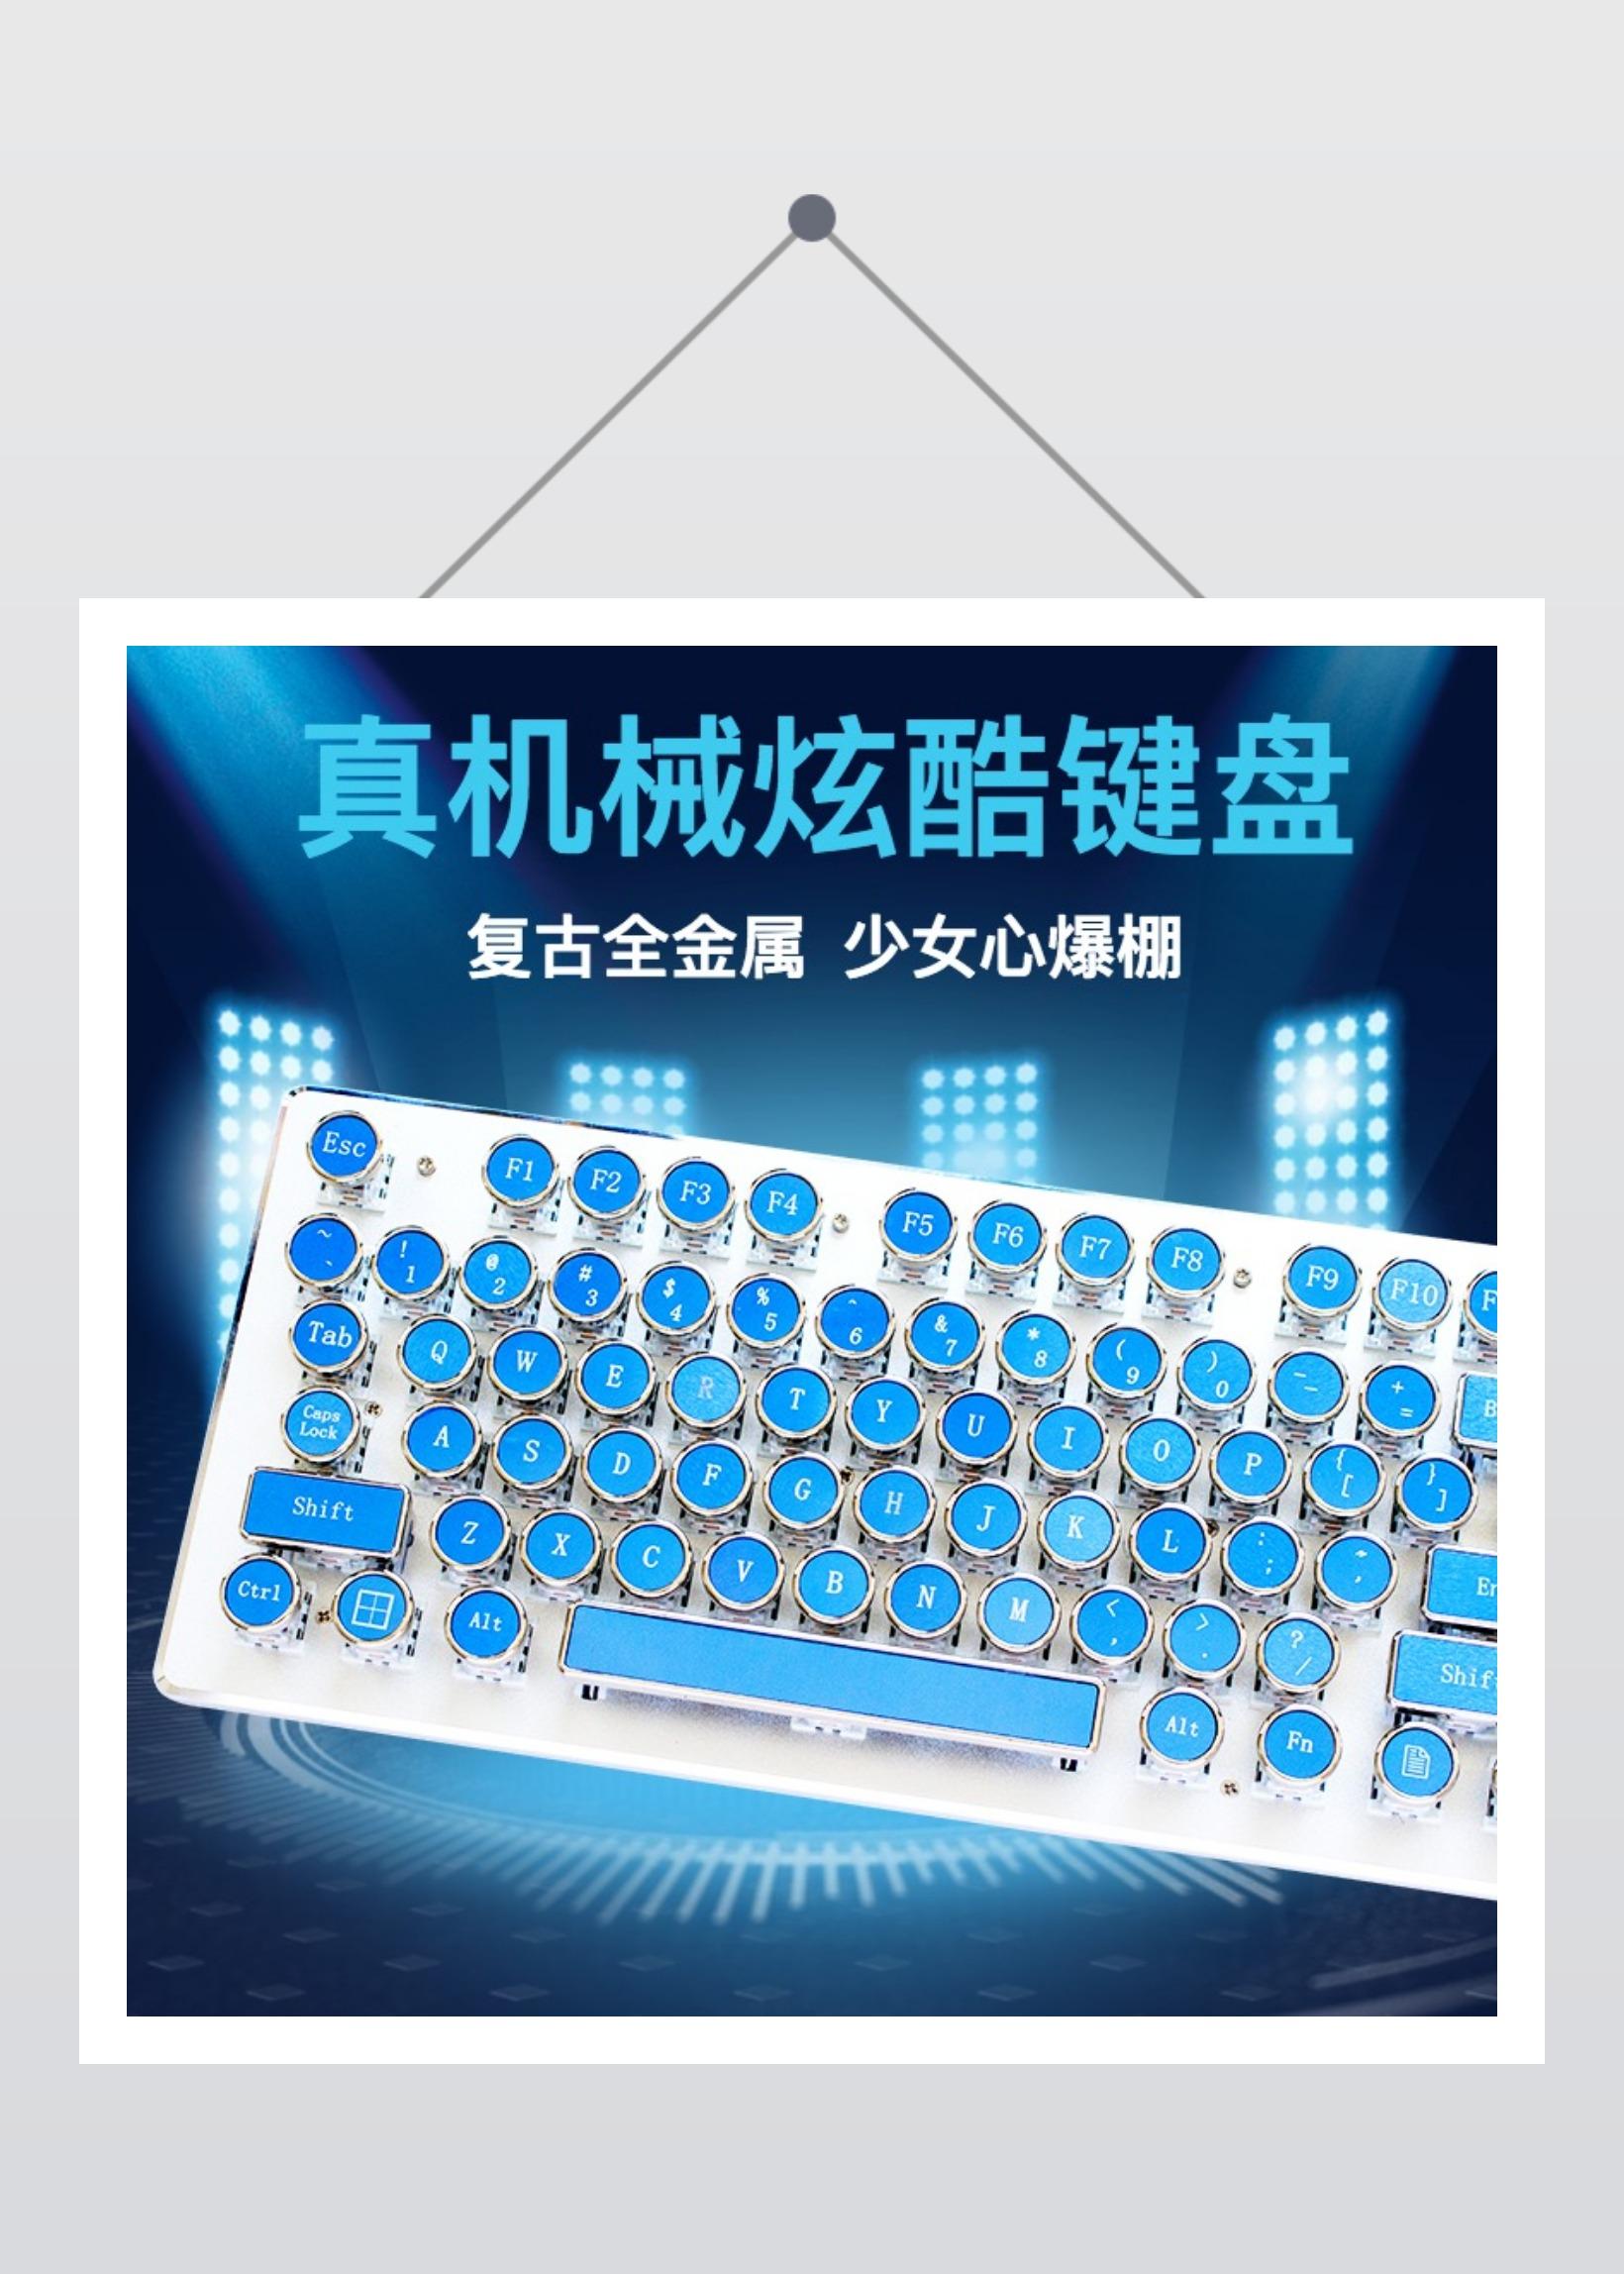 时尚炫酷机械复古键盘电商主图